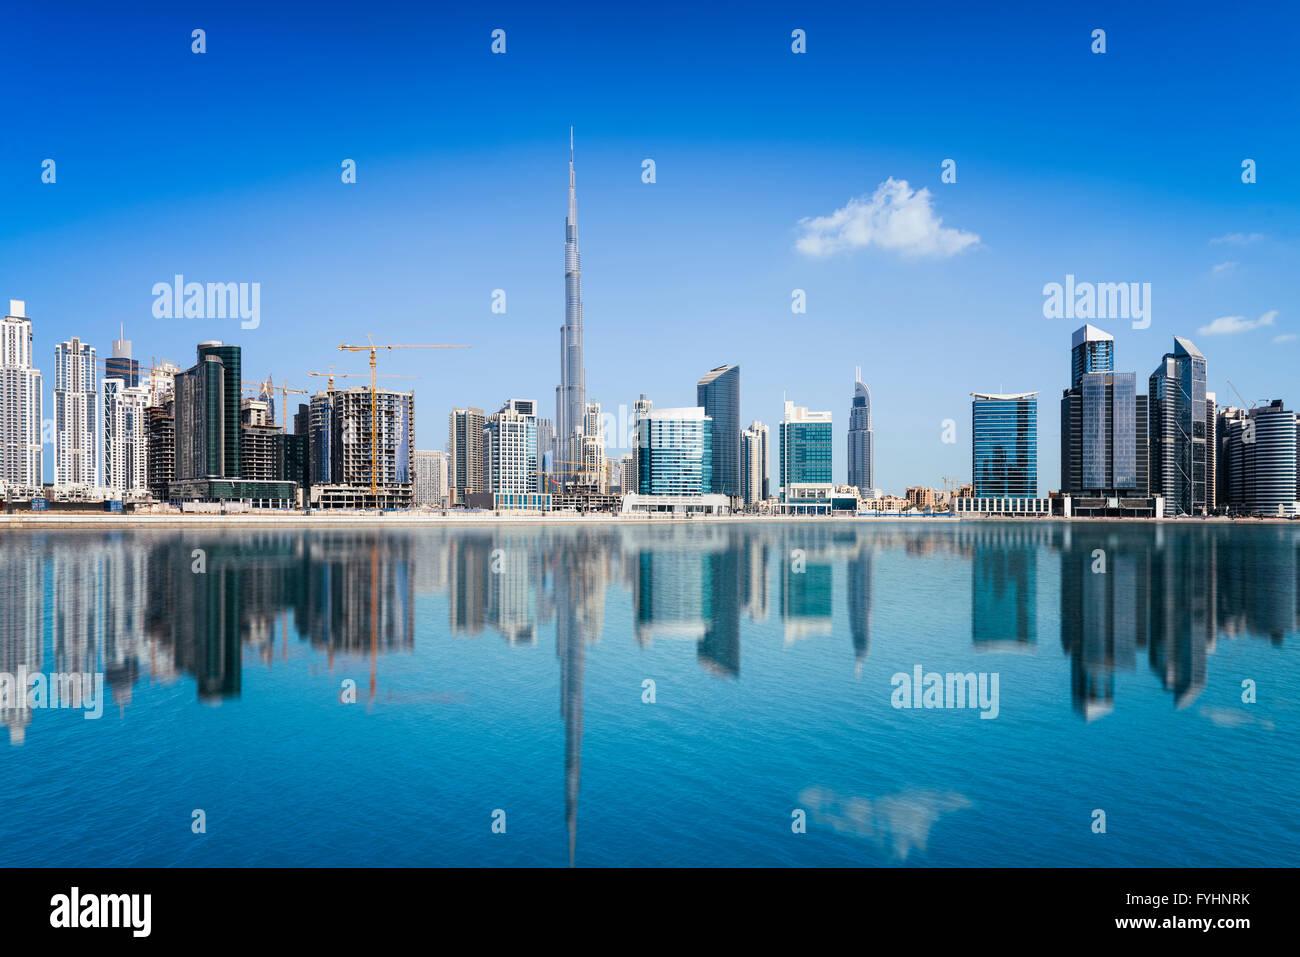 Skyline von Dubai, Vereinigte Arabische Emirate Stockbild